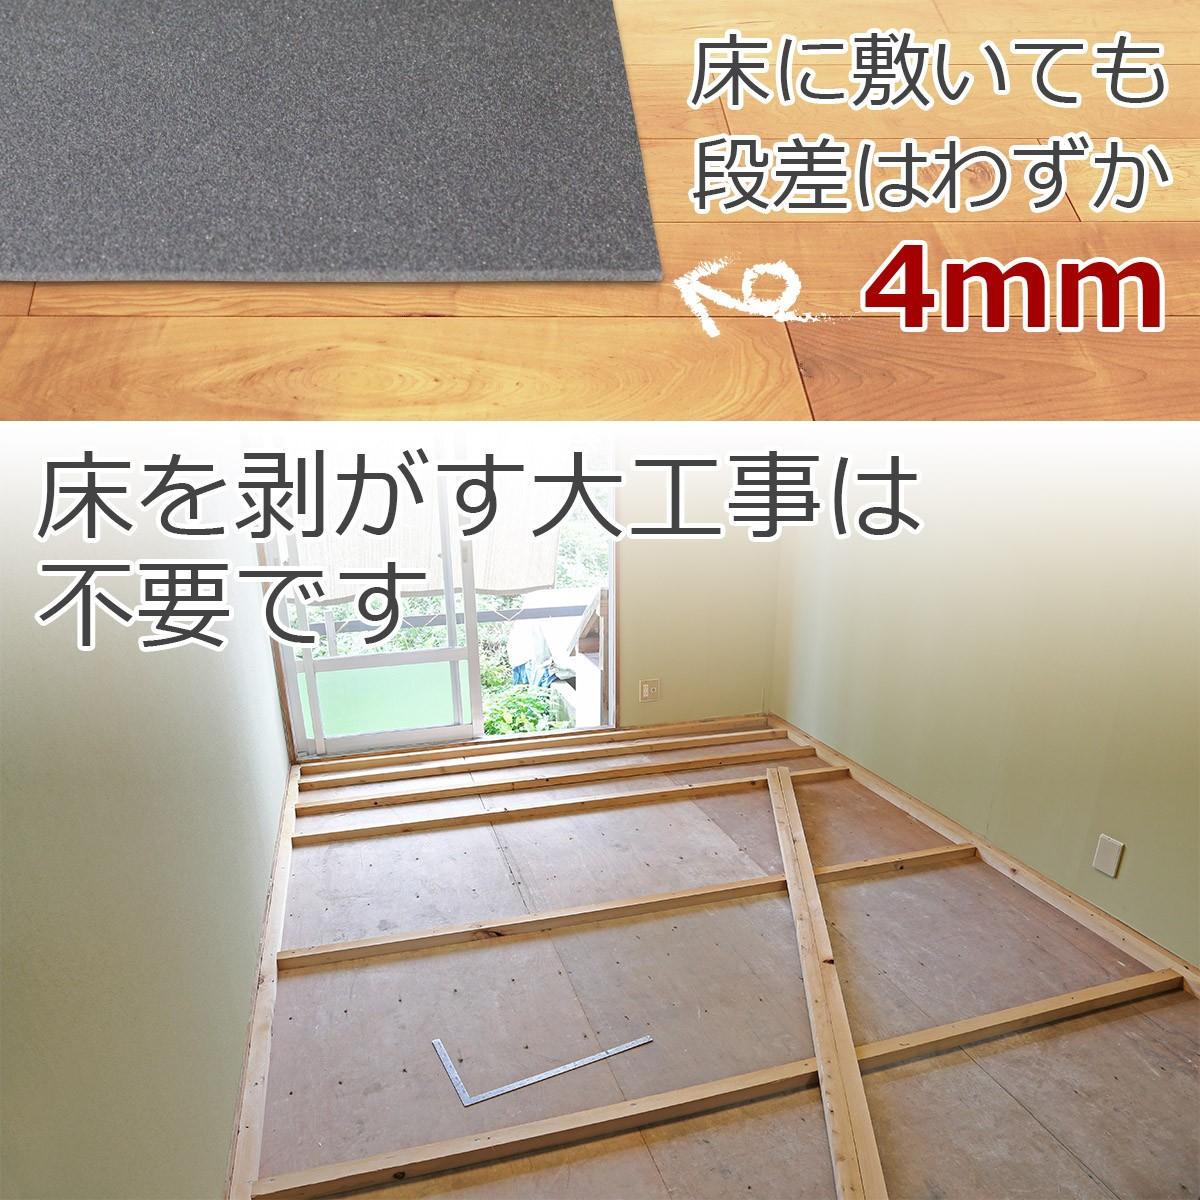 床に敷いても段差はわずか4ミリ 床を剥がす大仕事は不要です